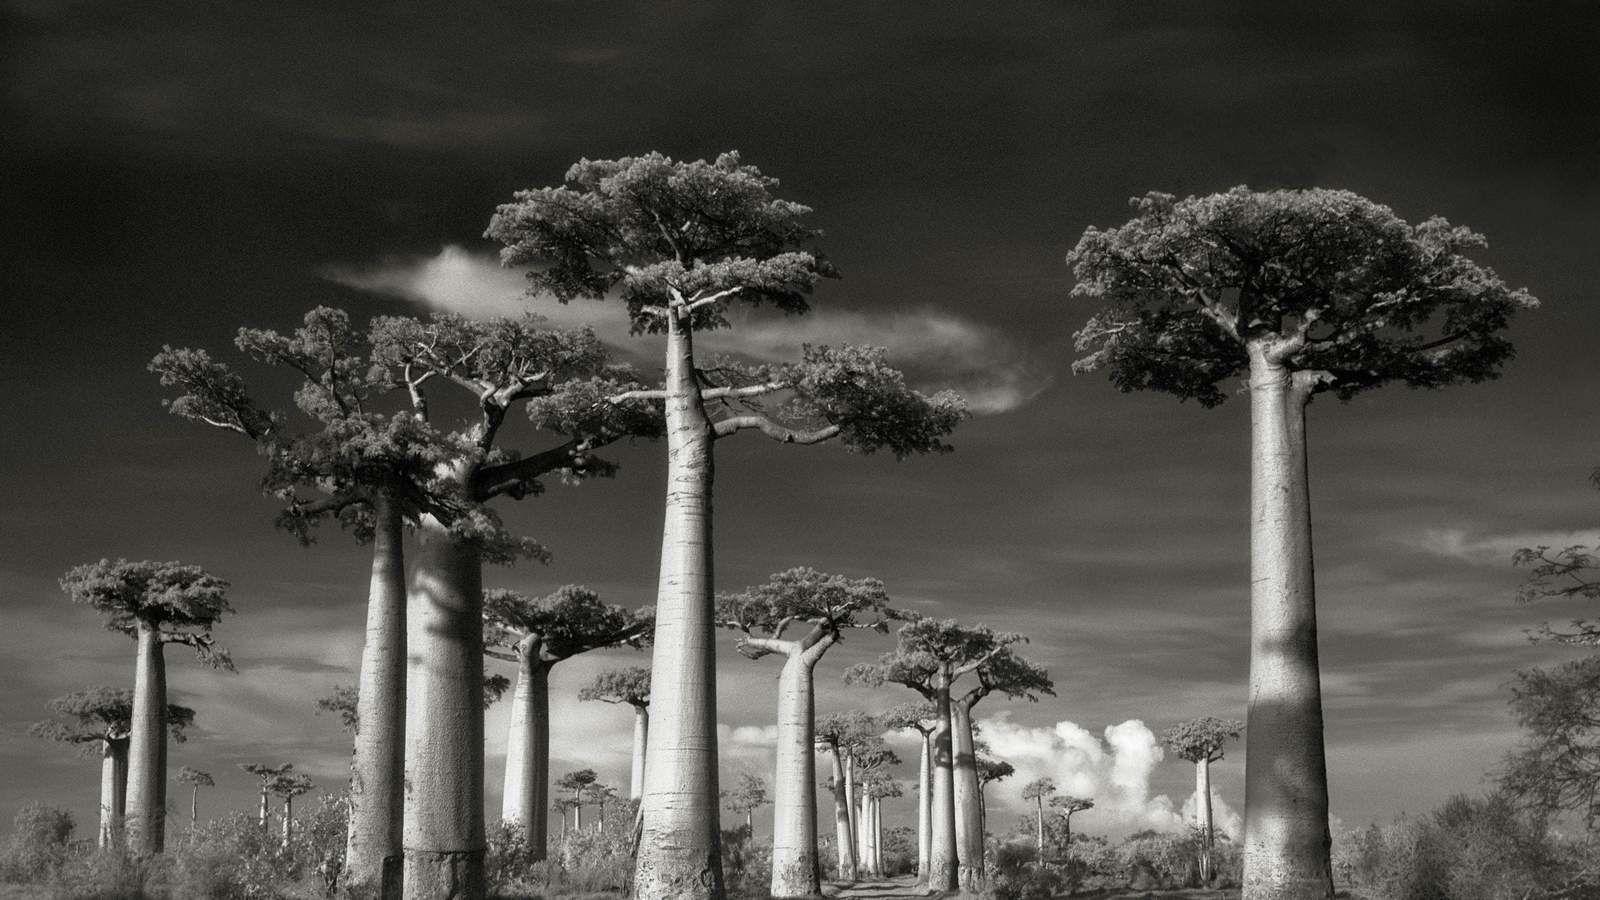 Un arbre a besoin de ses semblables pour s'épanouir